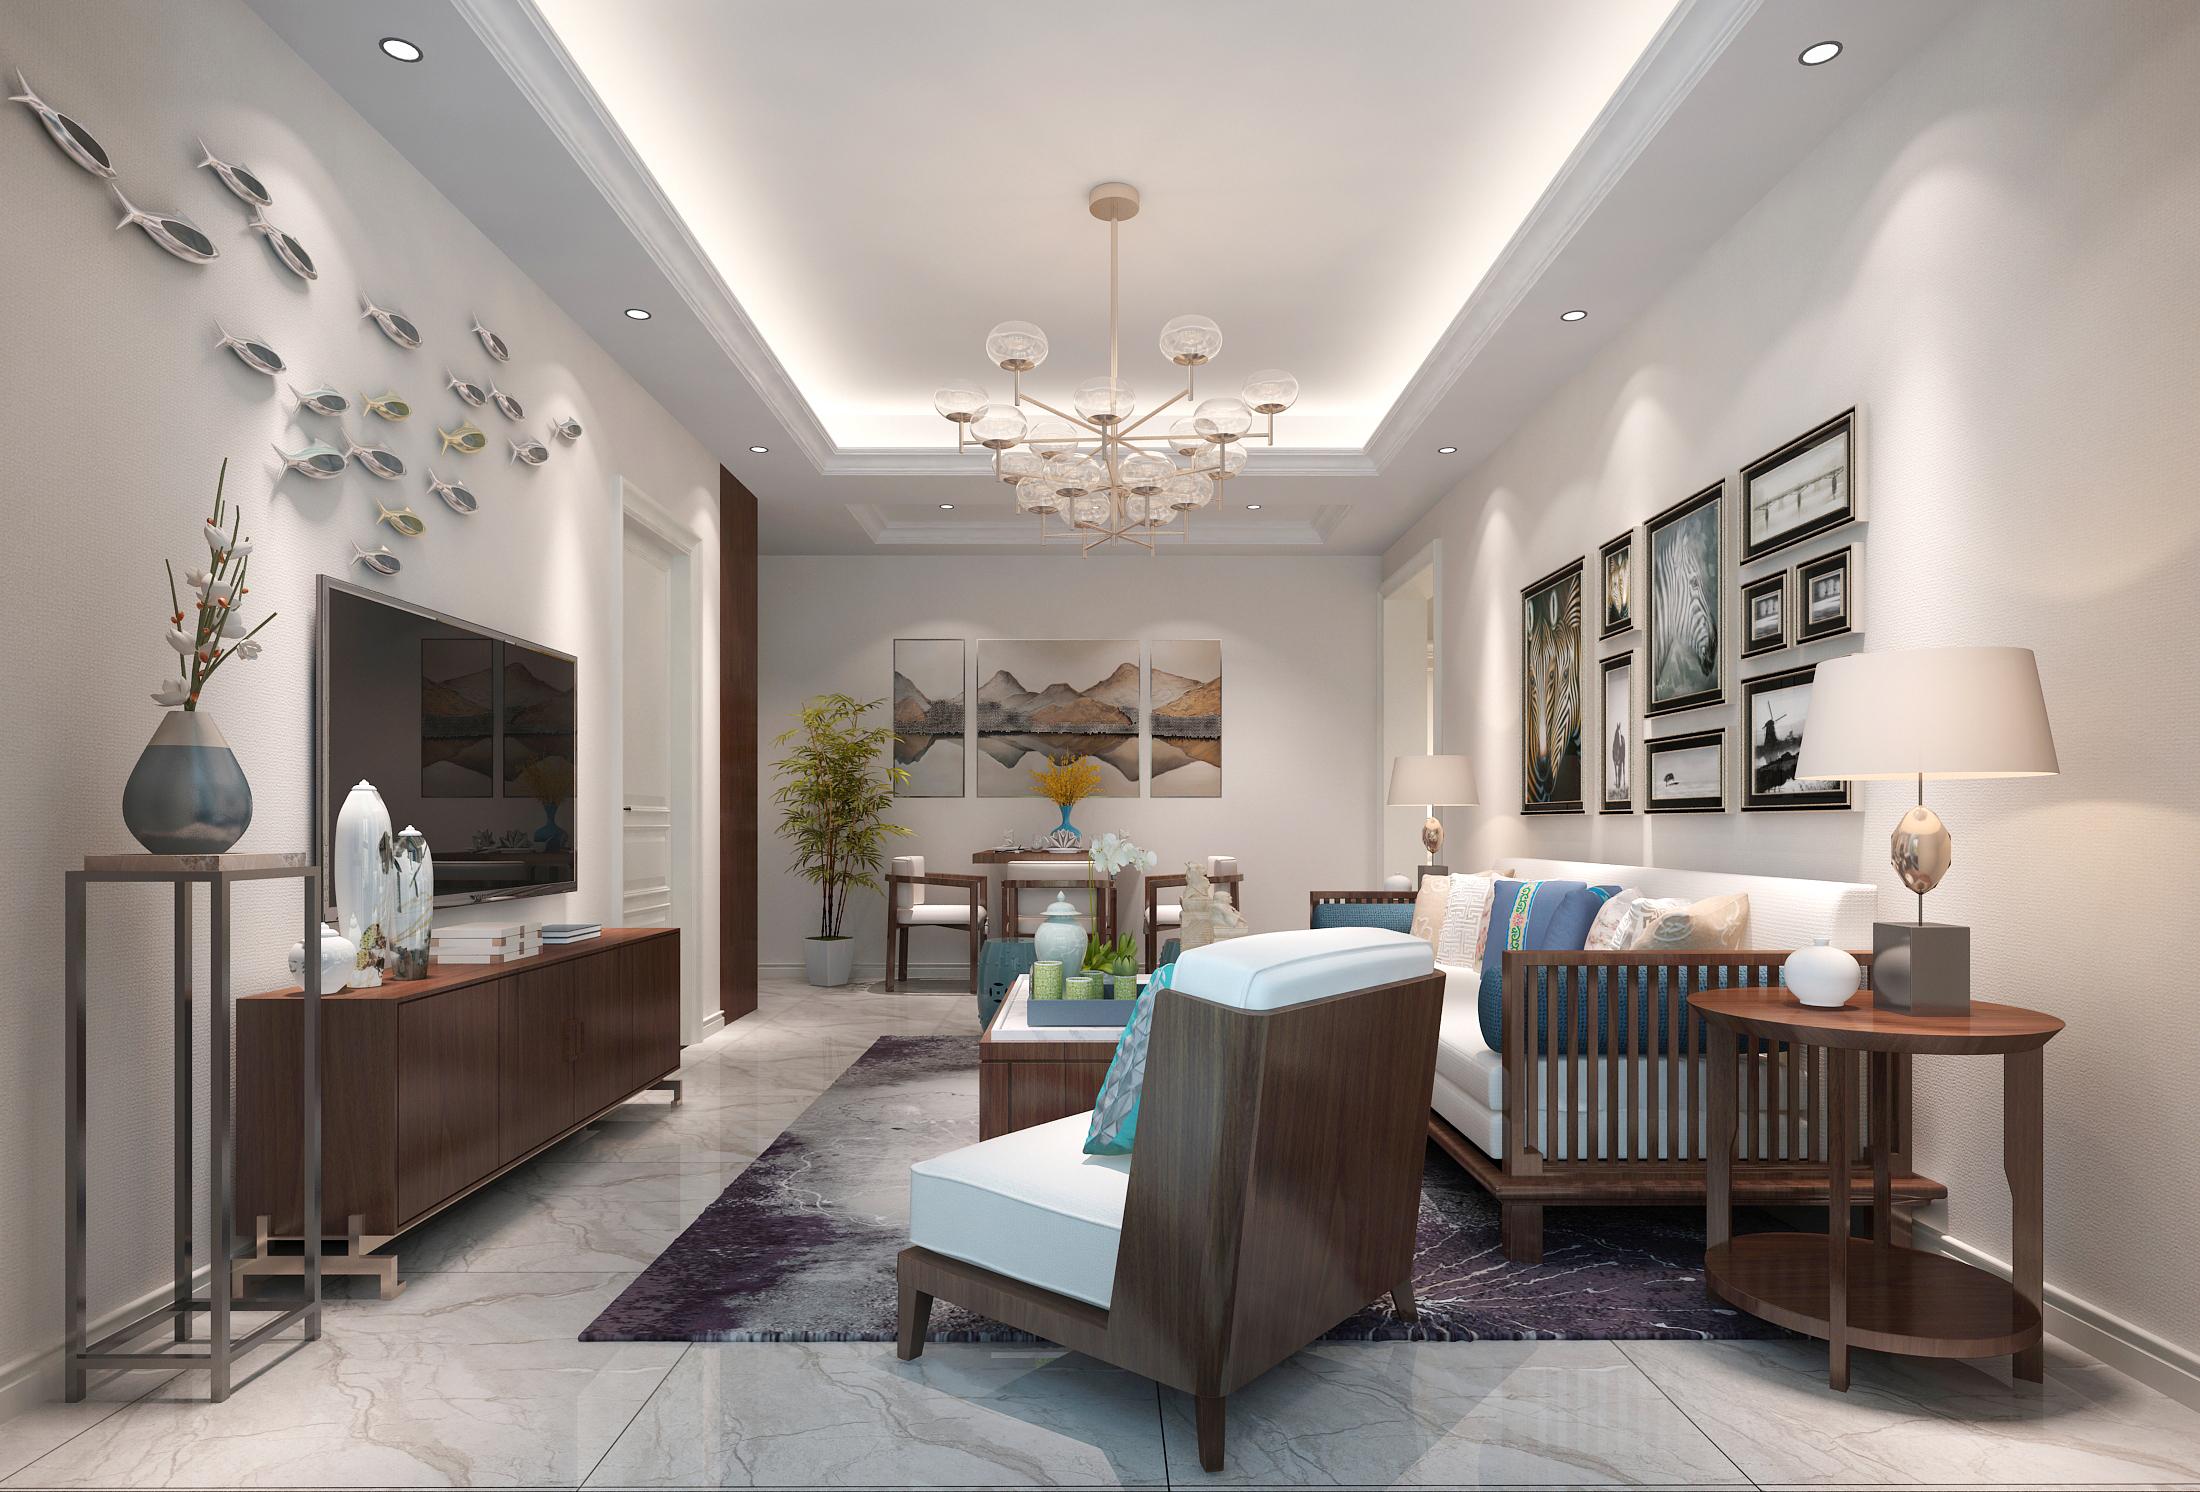 即洁白亮丽又不单调,在客厅与餐厅两处区域选择简洁的长方形灯带吊顶图片